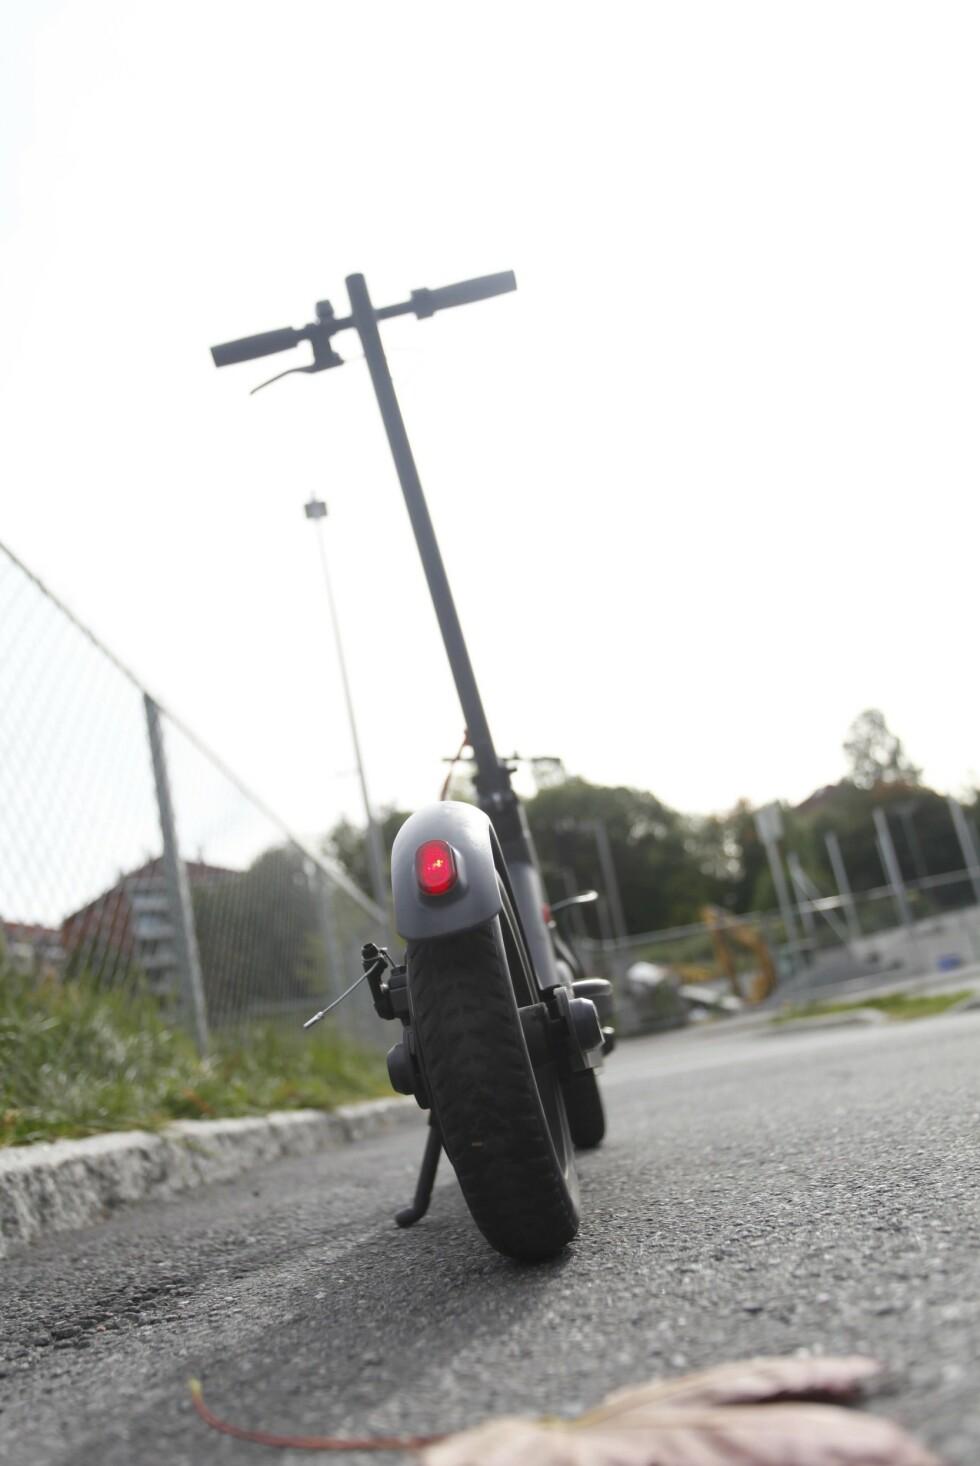 CLASSYWALK S200: Denne modellen fungerer helt greit til daglig bruk. Foto: Øystein B. Fossum